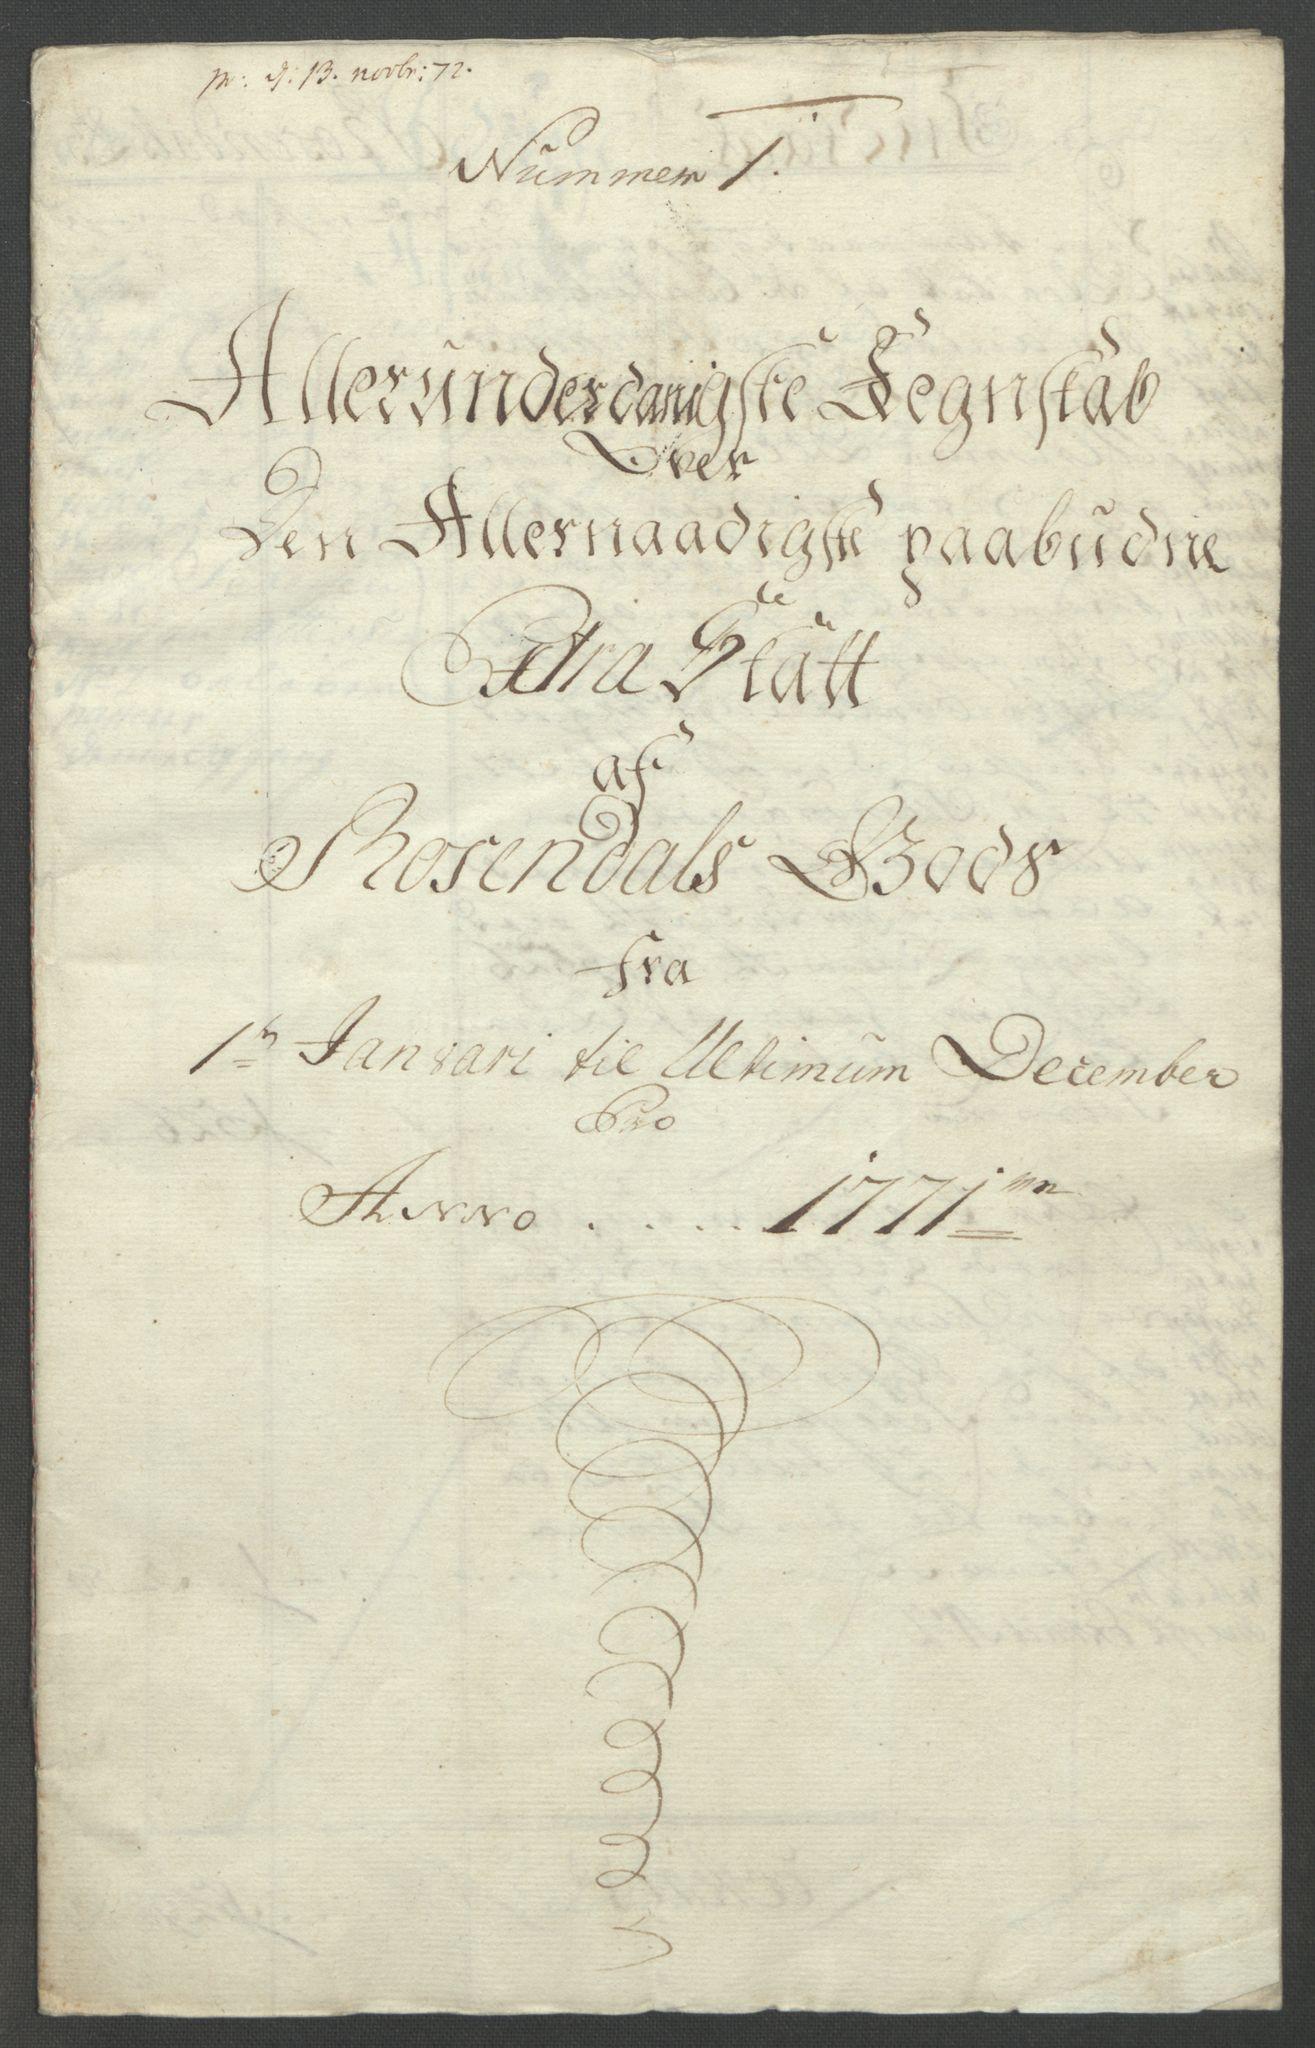 RA, Rentekammeret inntil 1814, Reviderte regnskaper, Fogderegnskap, R49/L3157: Ekstraskatten Rosendal Baroni, 1762-1772, s. 318